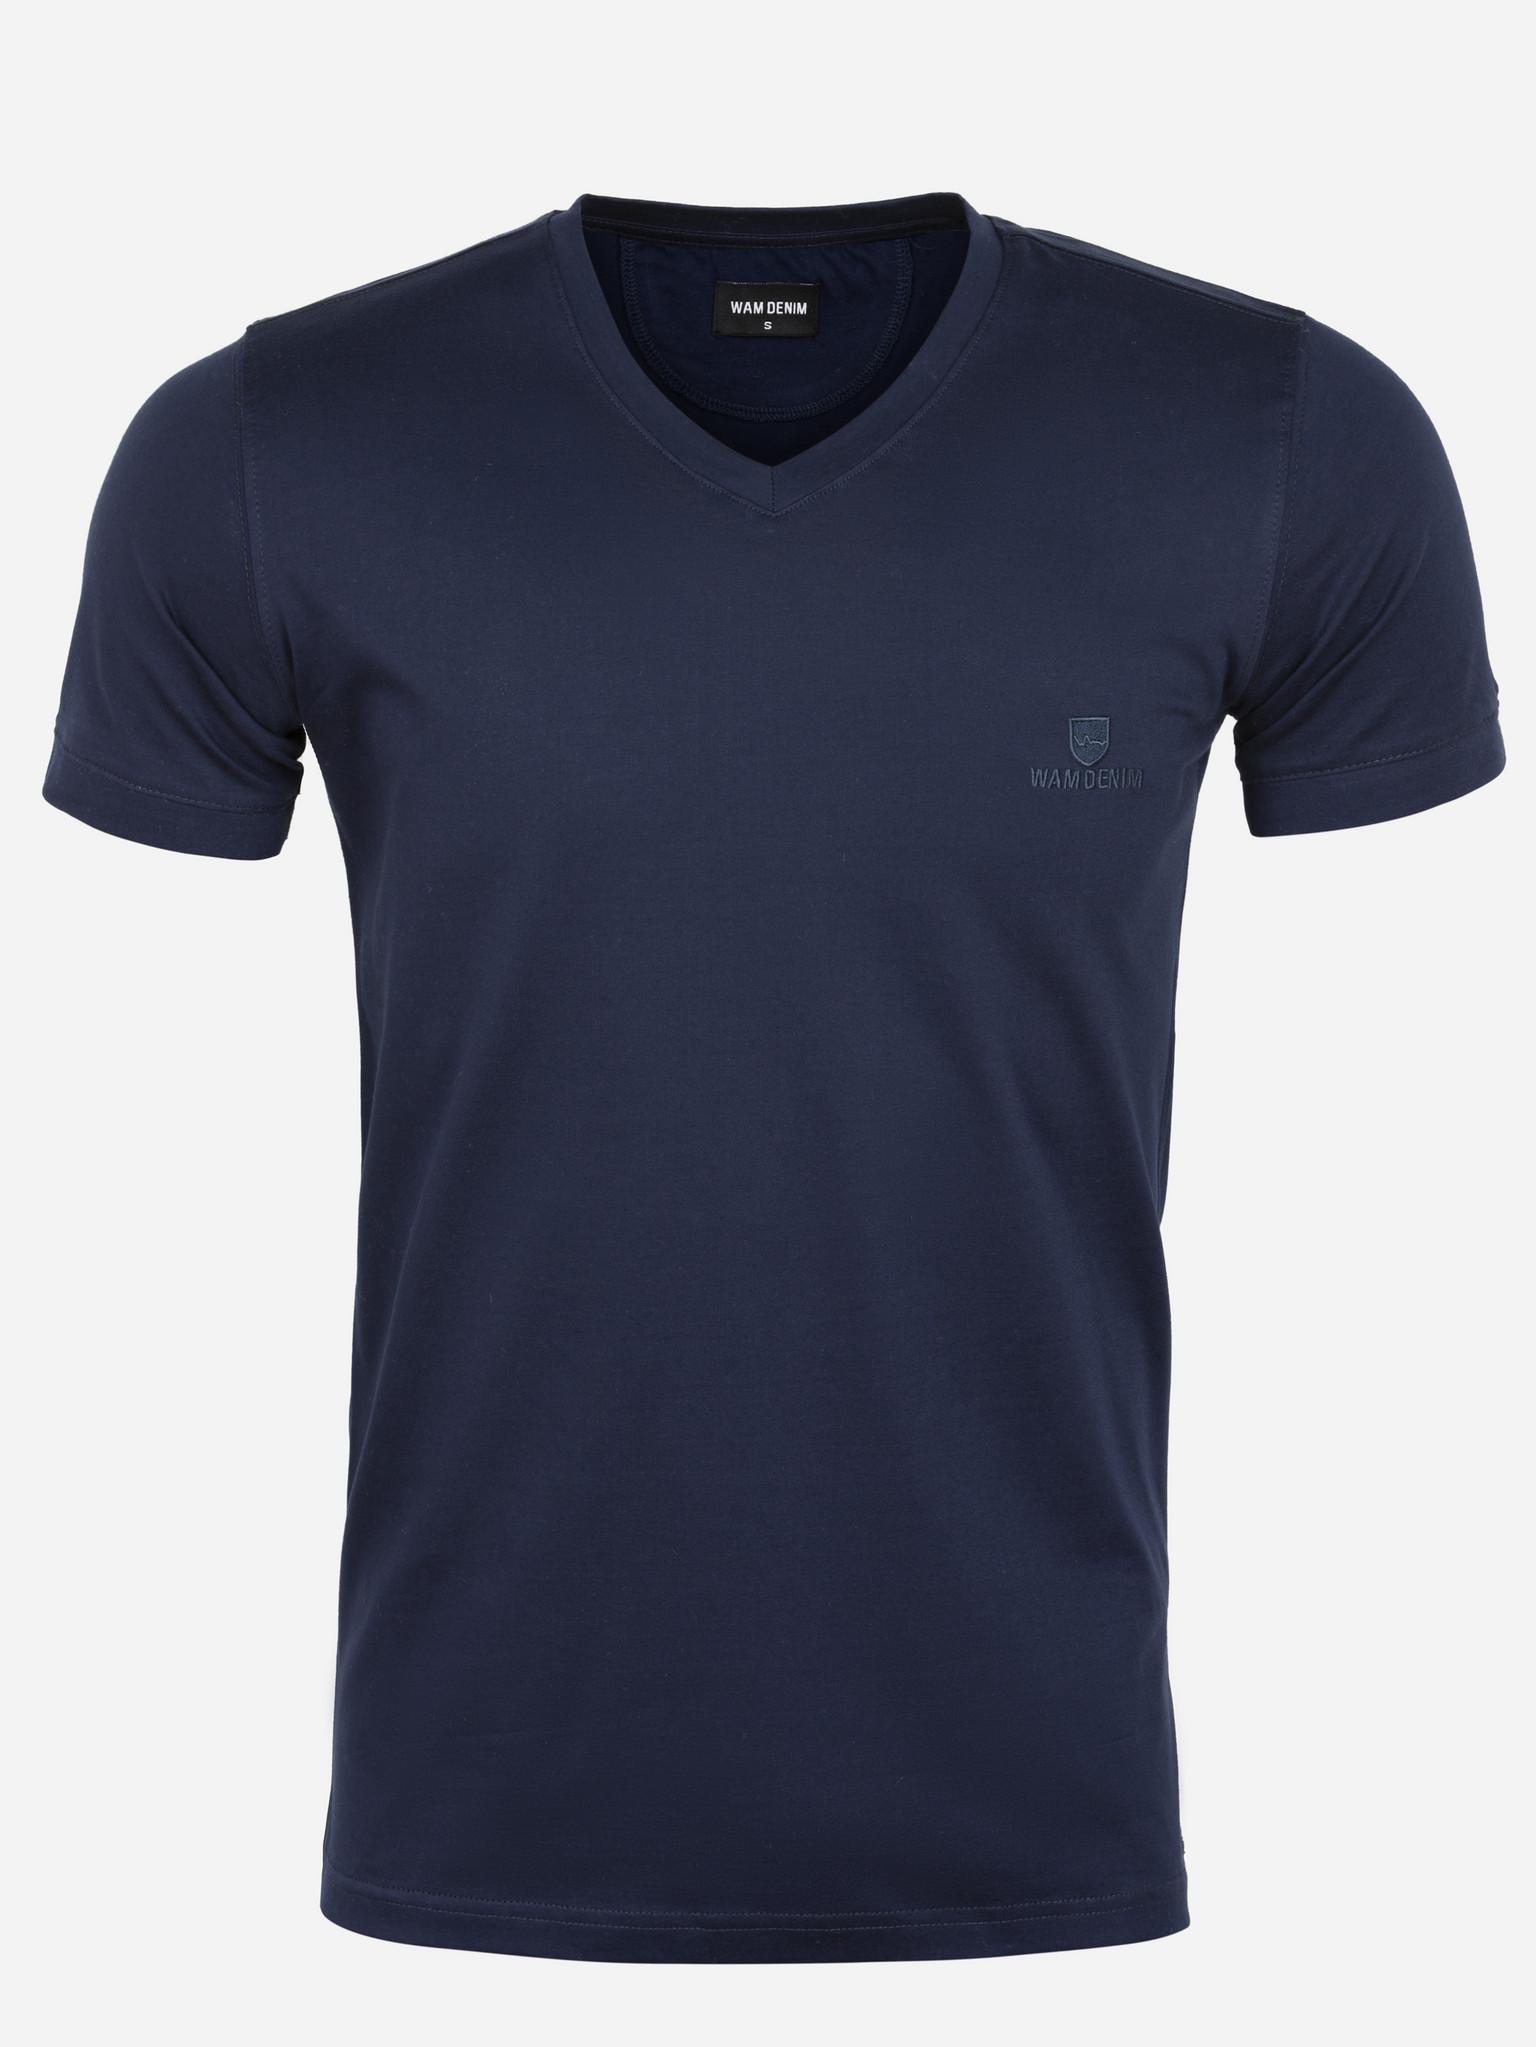 Wam Denim T-Shirt Lansing Navy Maat: XL